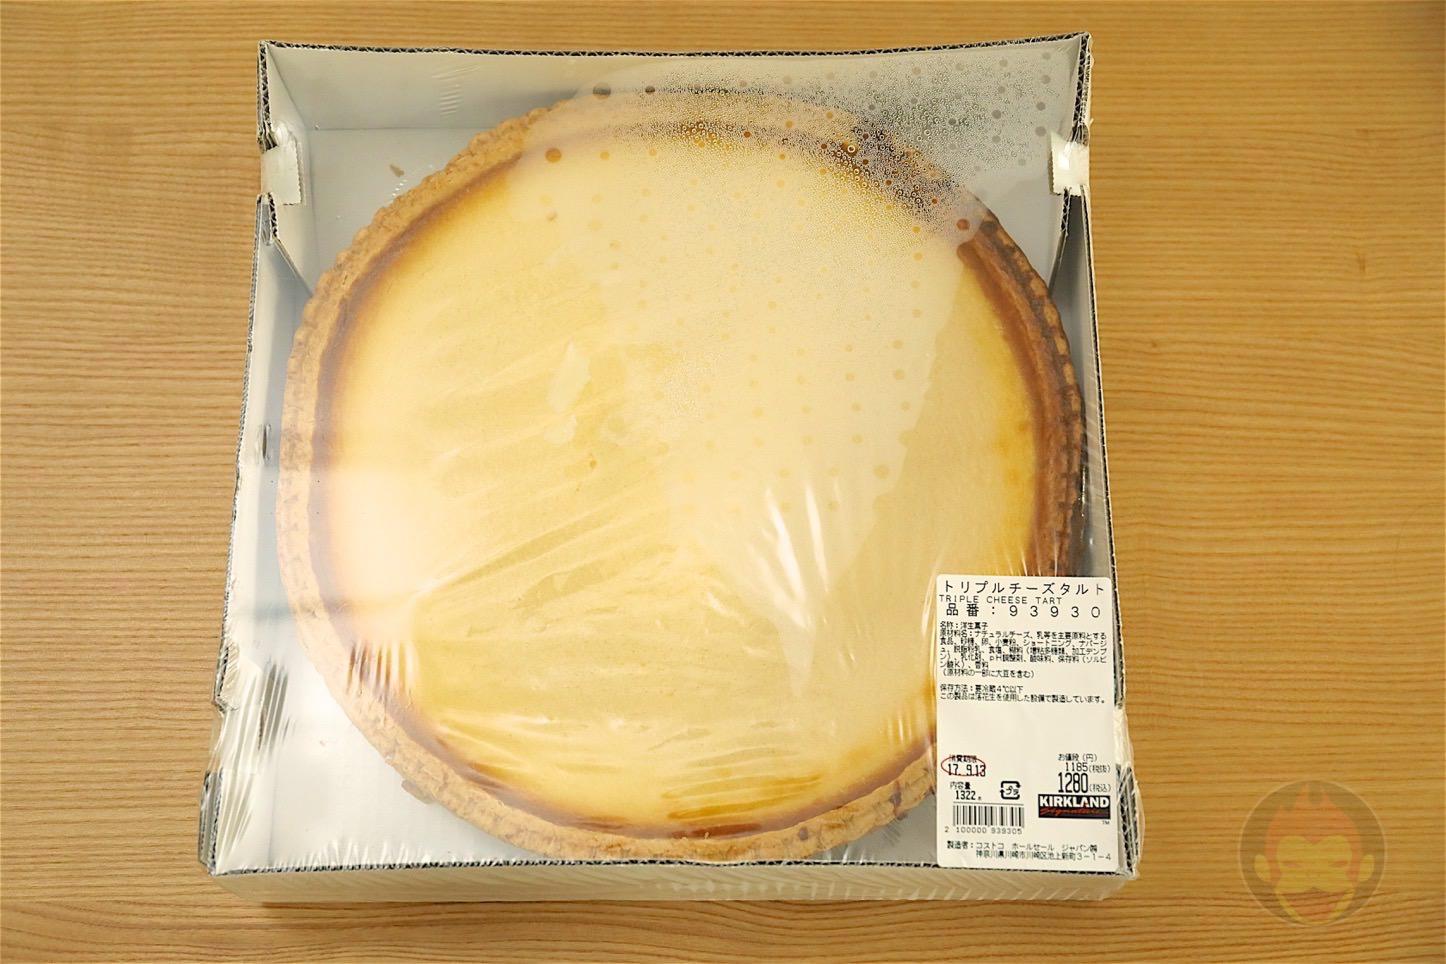 コストコのトリプルチーズタルト